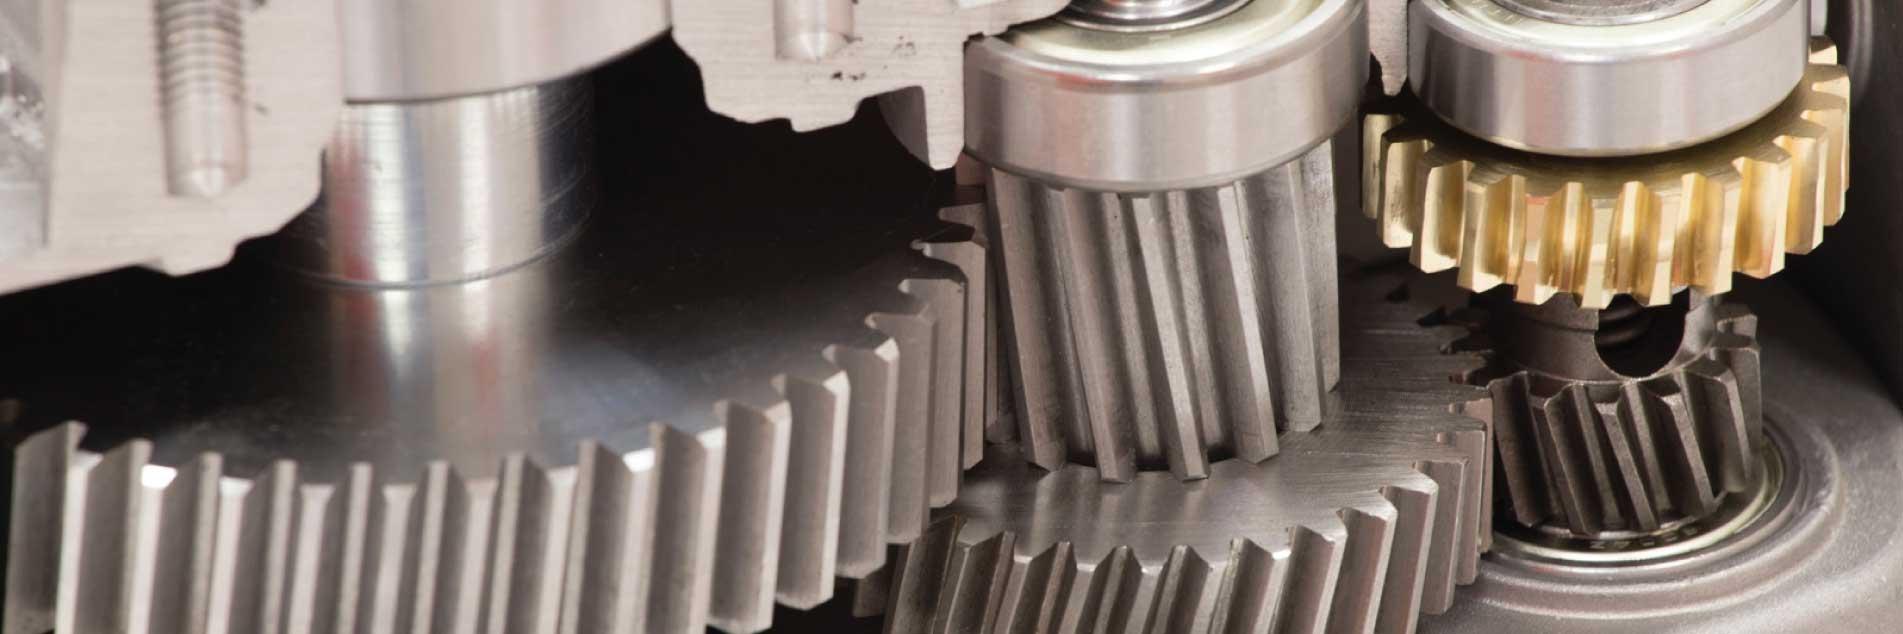 חברת Roger Technology מייצרת את רכיבי המנועים באמצעות חומרים באיכות גבוהה כגון פלדה, ברזל יצוק וברונזה.